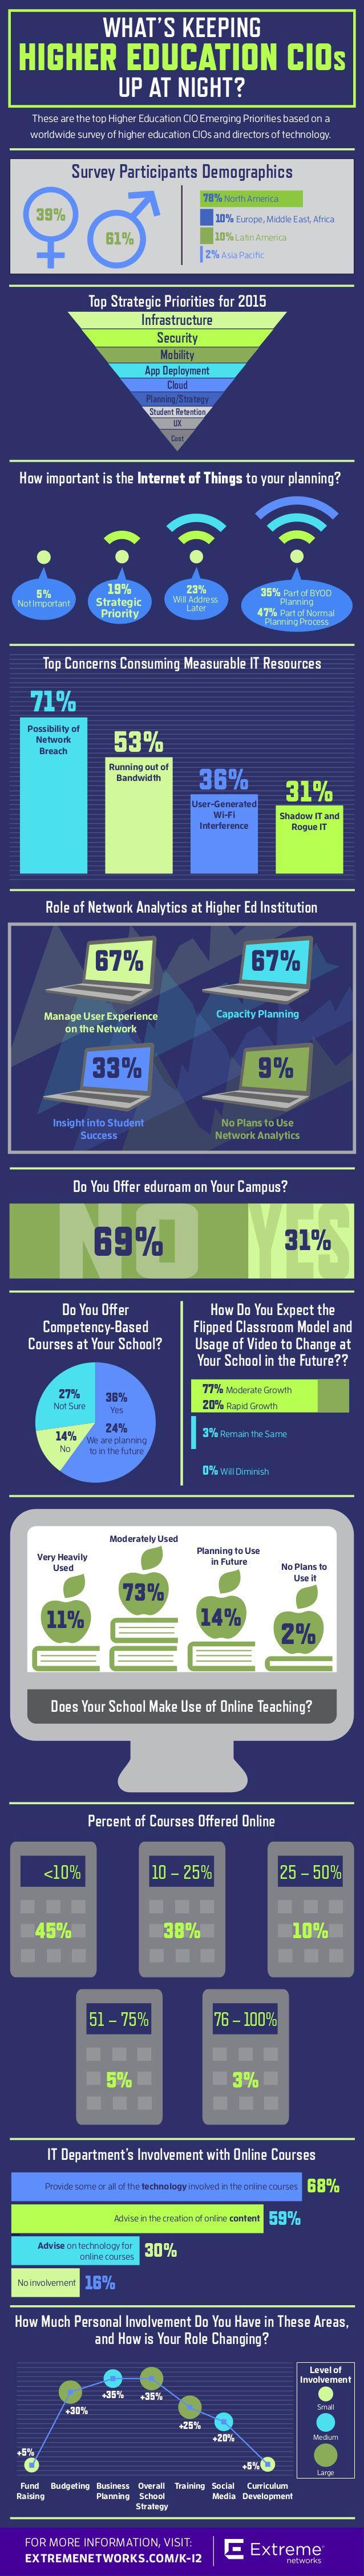 infográfico Higher Education CIOs